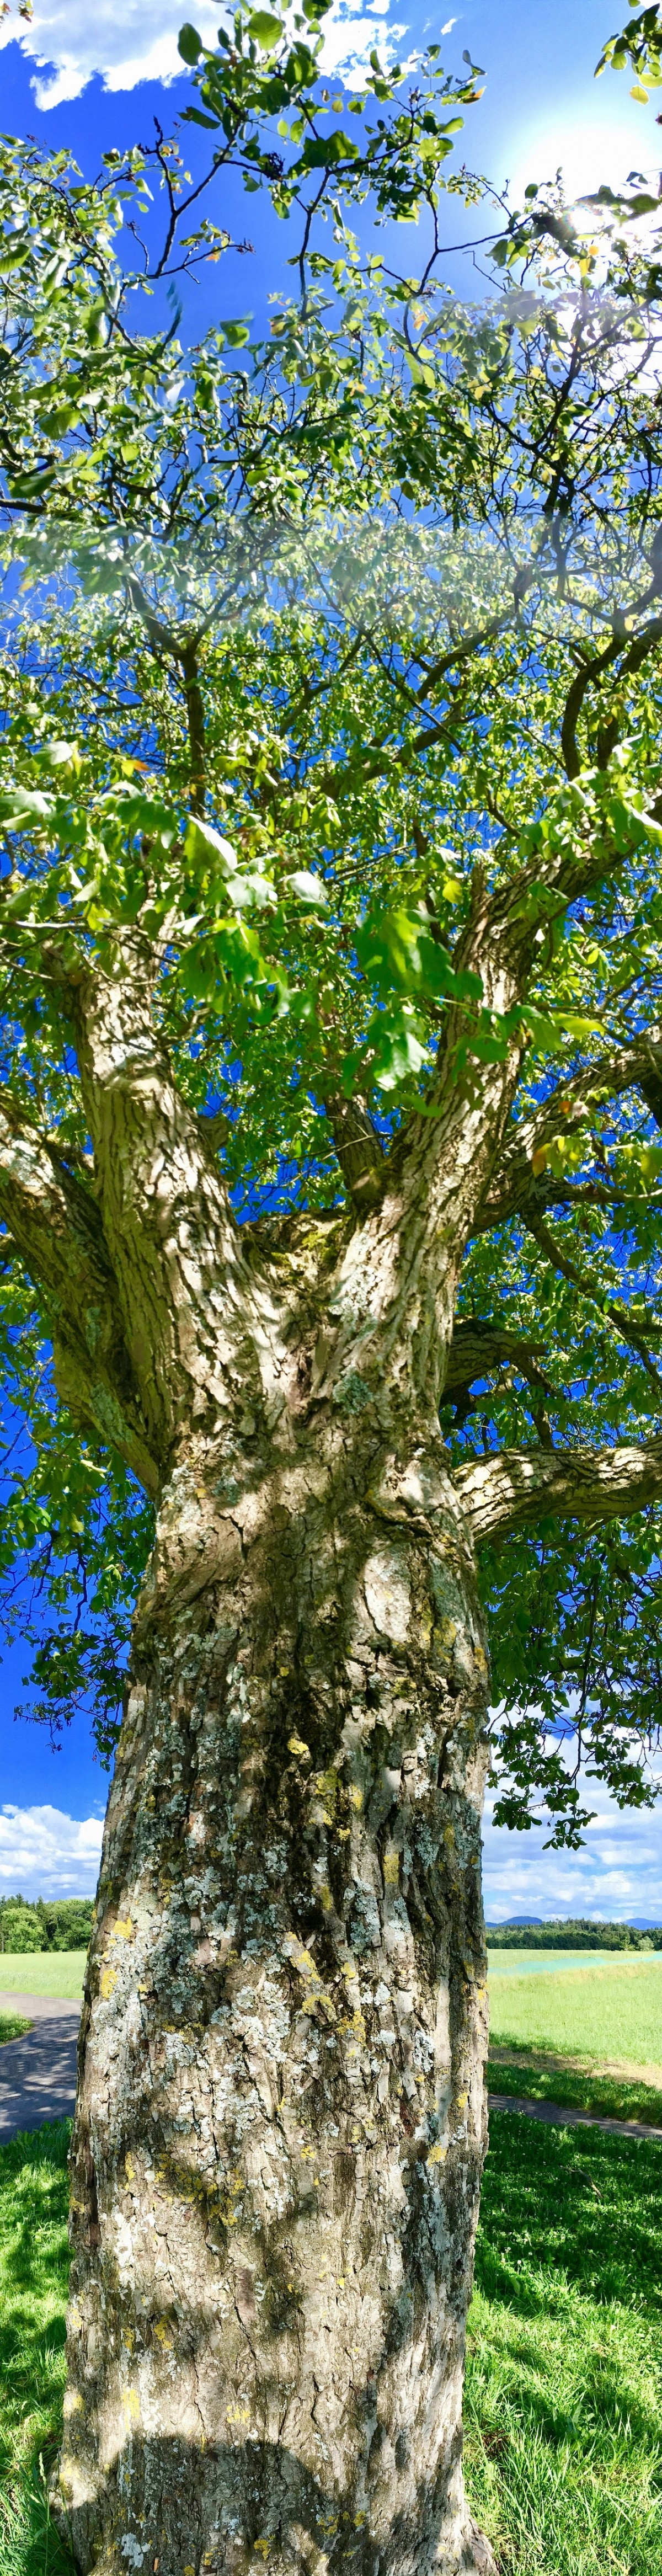 Der Nussbaum ist ein Schutzbaum und lehrt uns viel über das Reifenlassen von Plänen